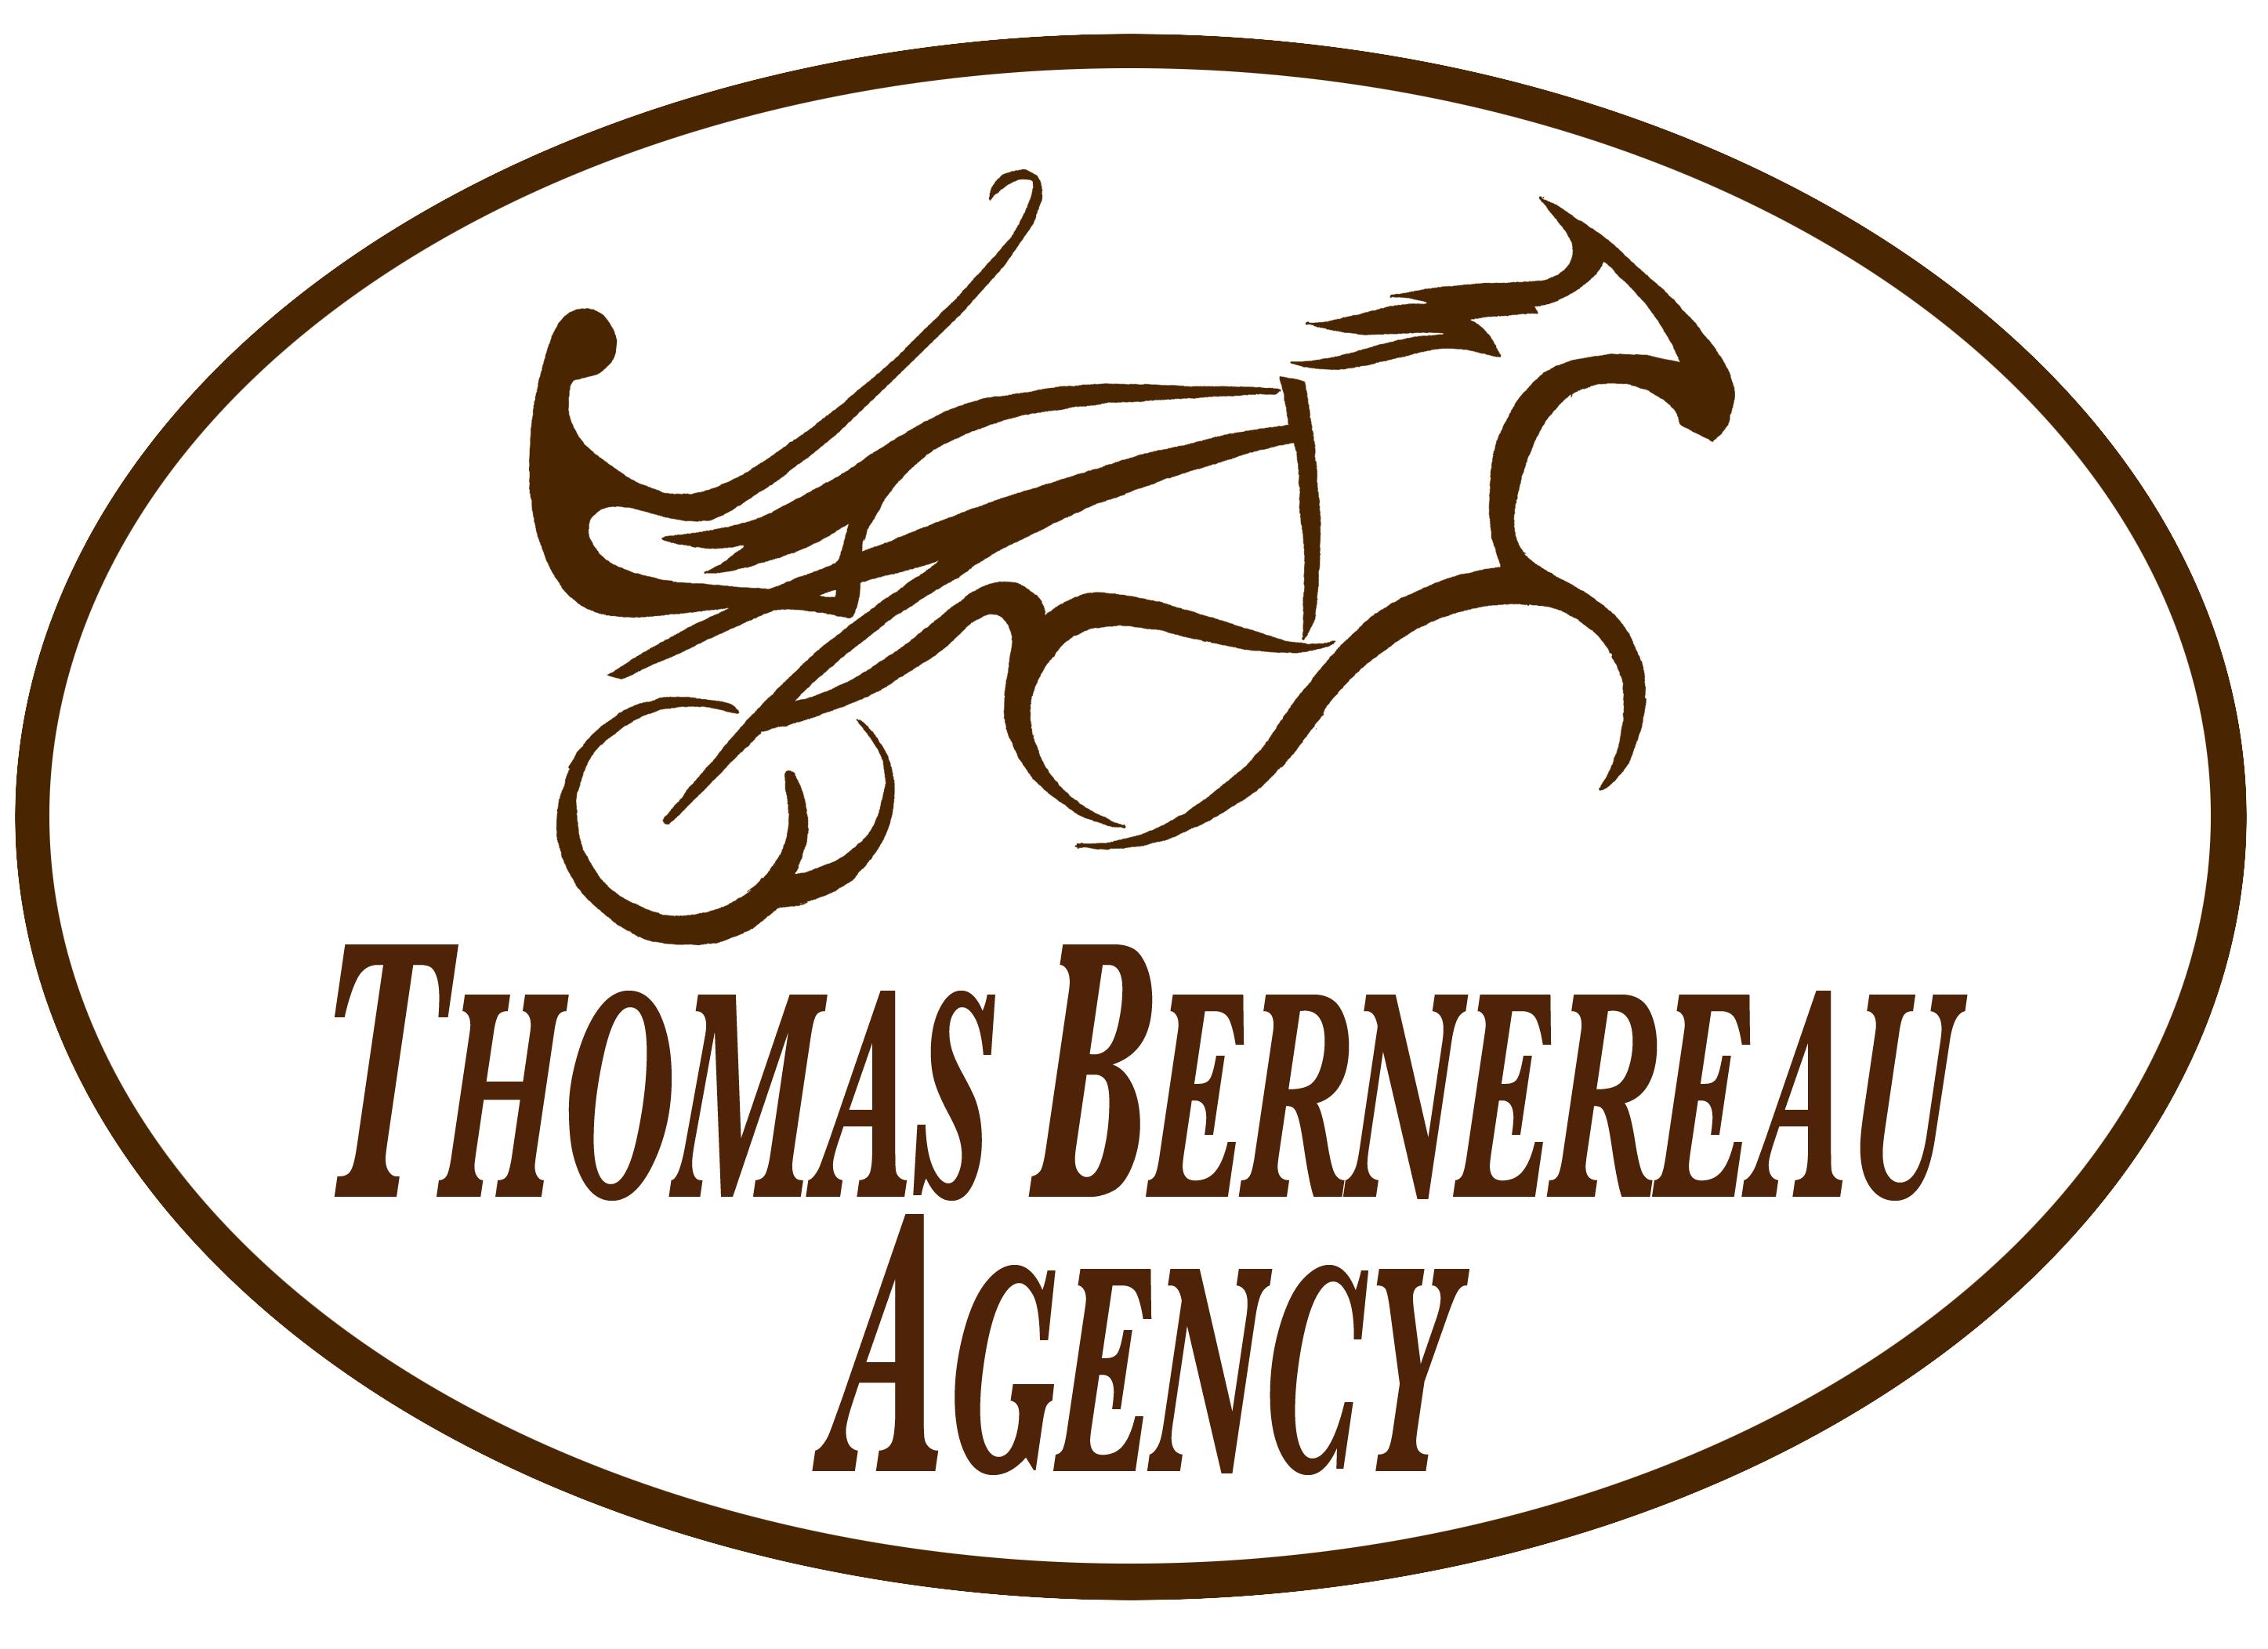 Thomas BERNEREAU